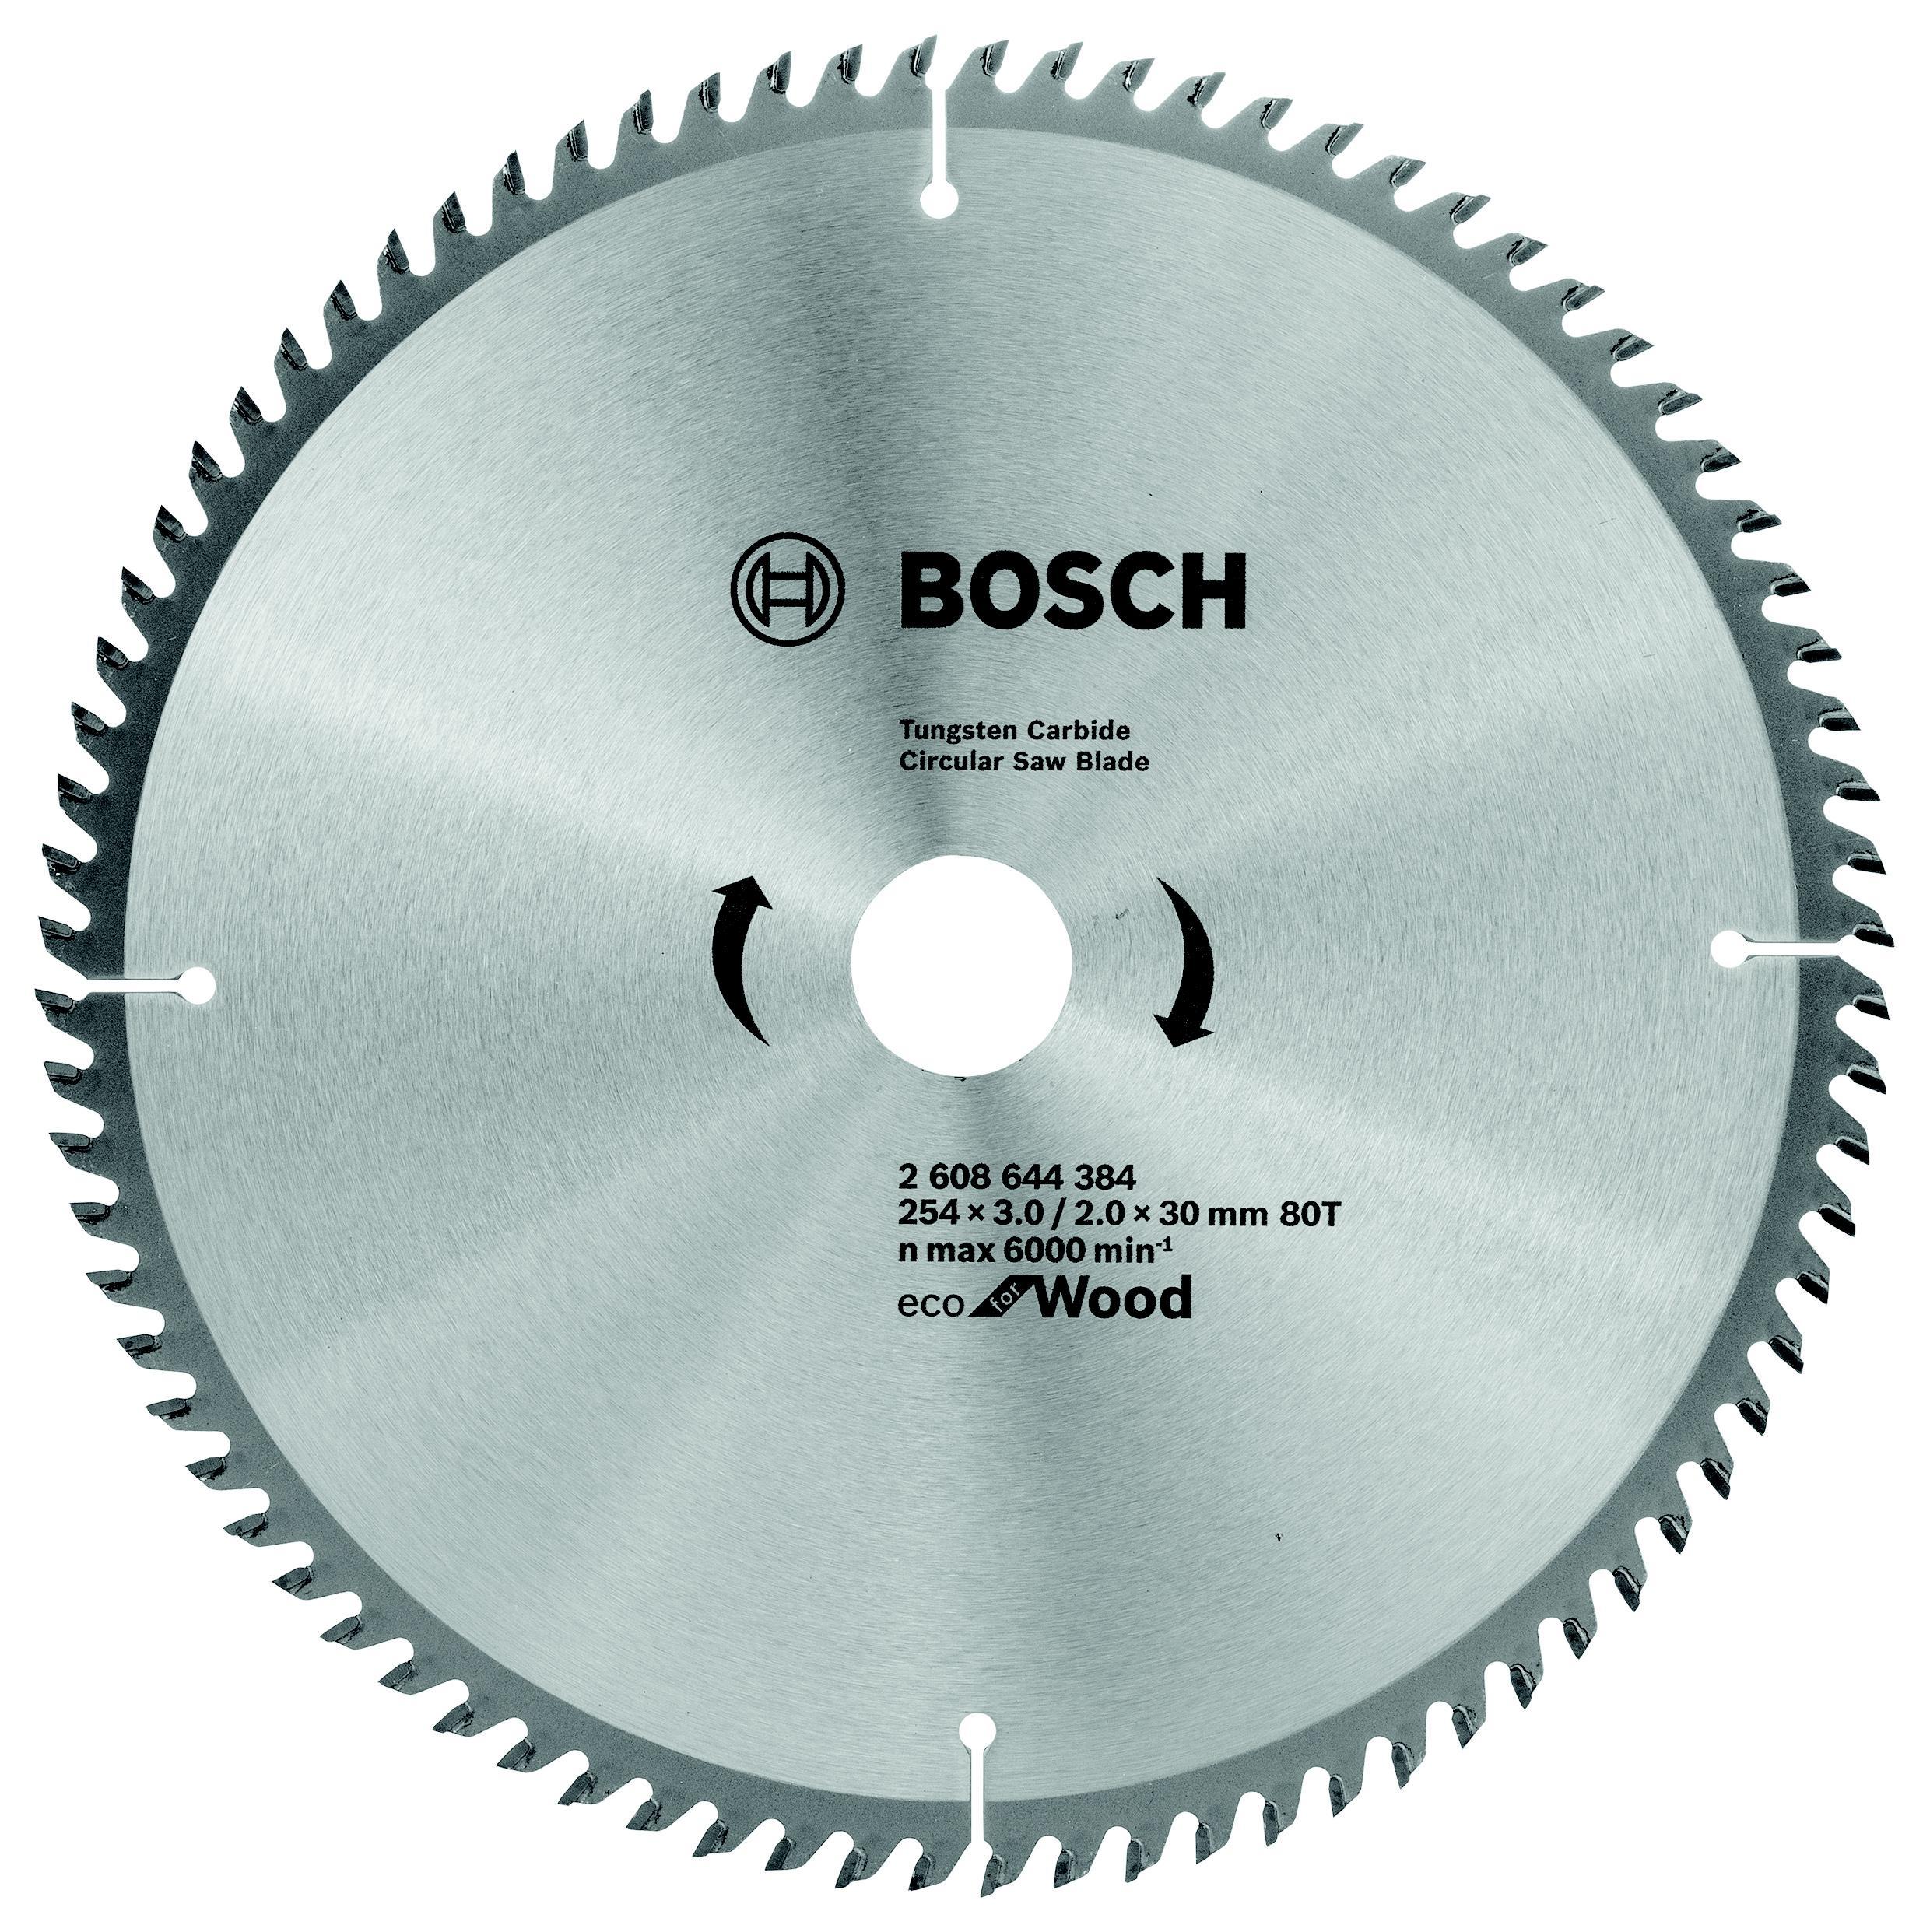 Диск пильный твердосплавный Bosch Eco wo 254x30-80t (2.608.644.384)